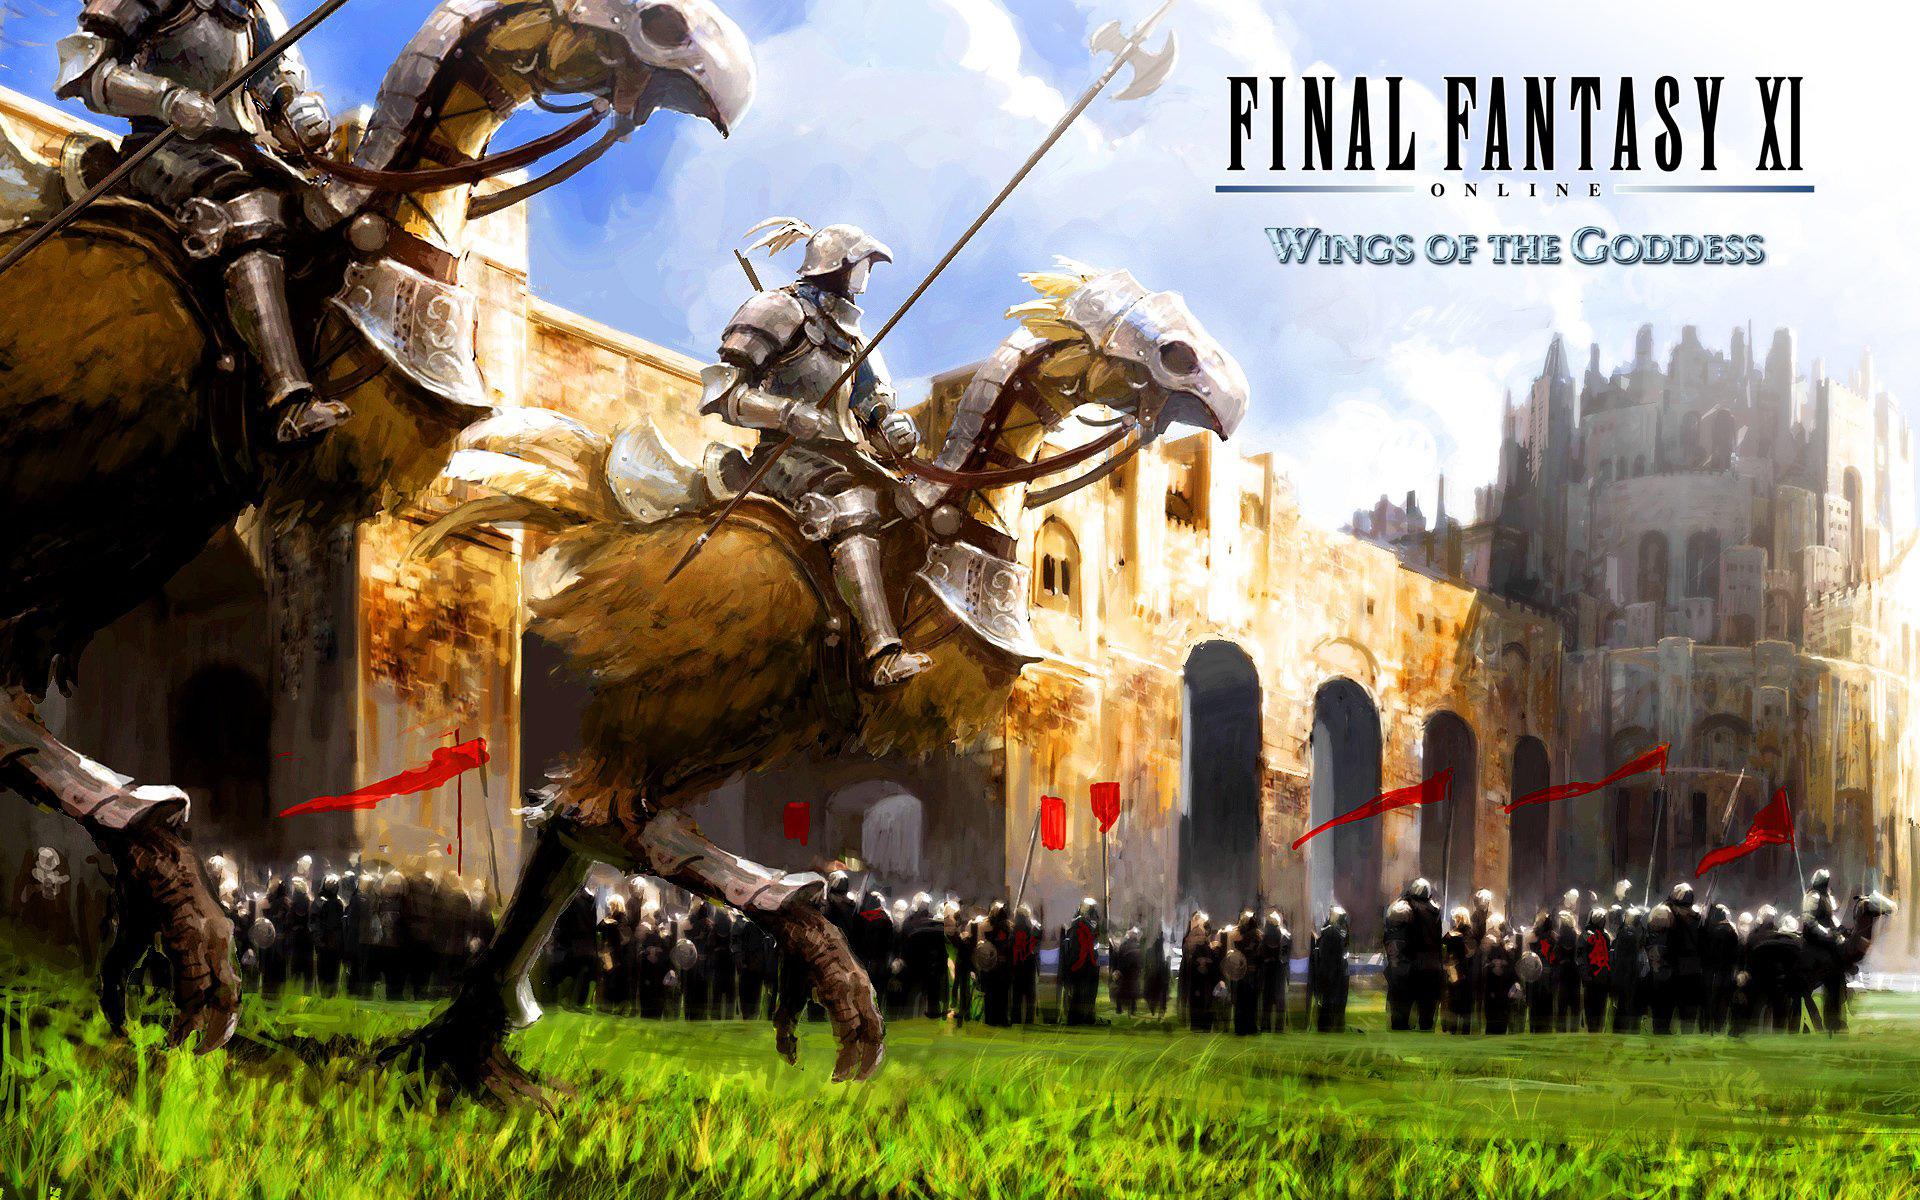 Final Fantasy XI compie 16 anni e la sua versione Mobile procede a gonfie vele!